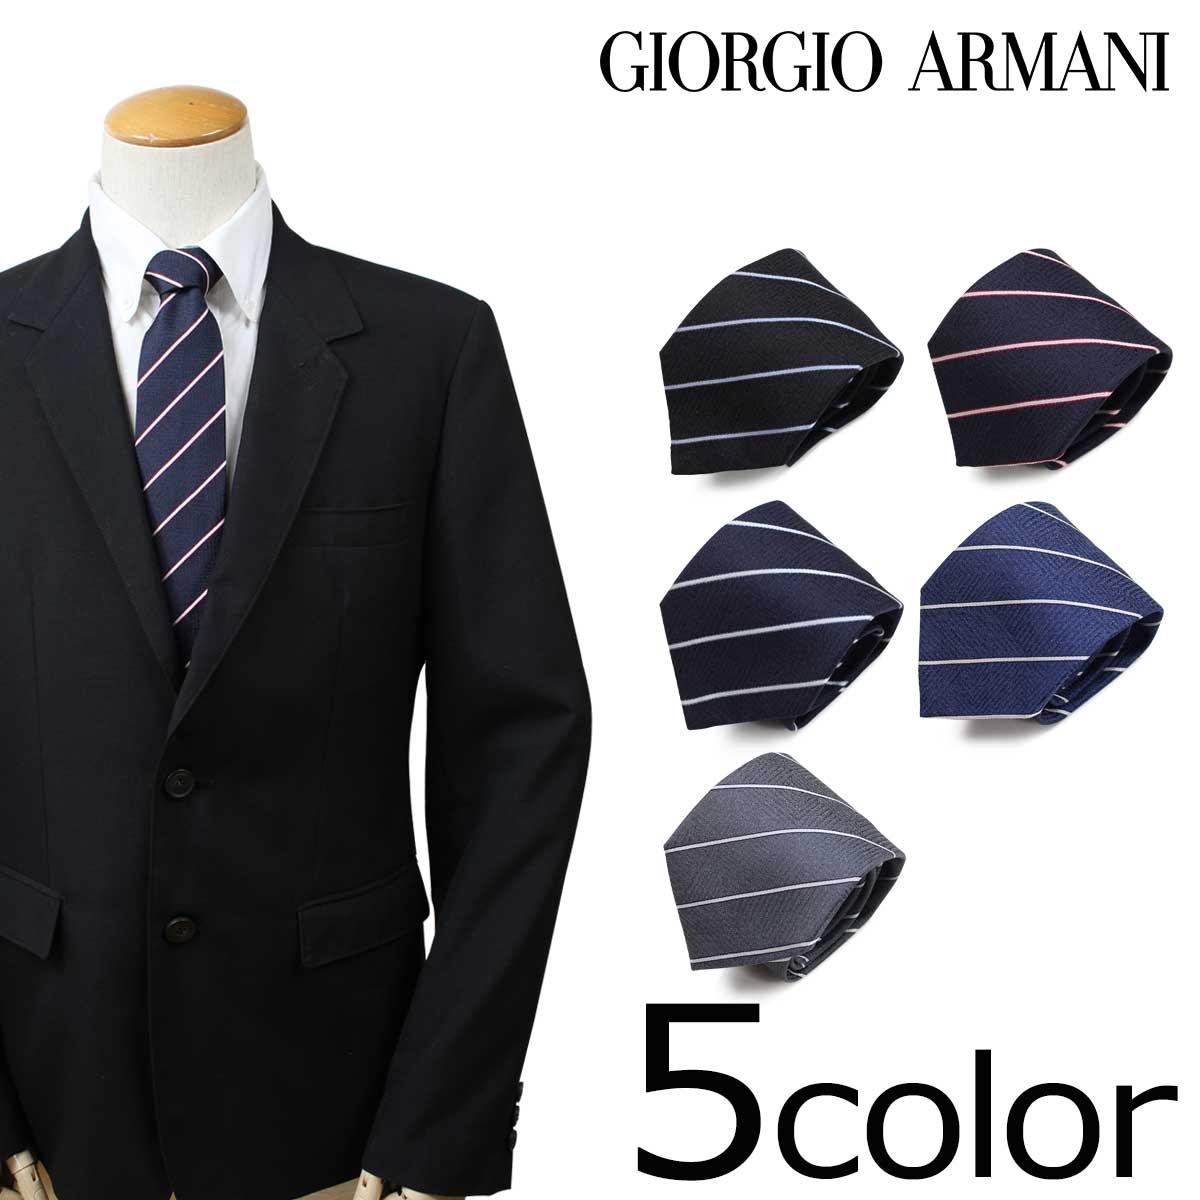 ジョルジオ アルマーニ GIORGIO ARMANI ネクタイ メンズ イタリア製 シルク ビジネス 結婚式